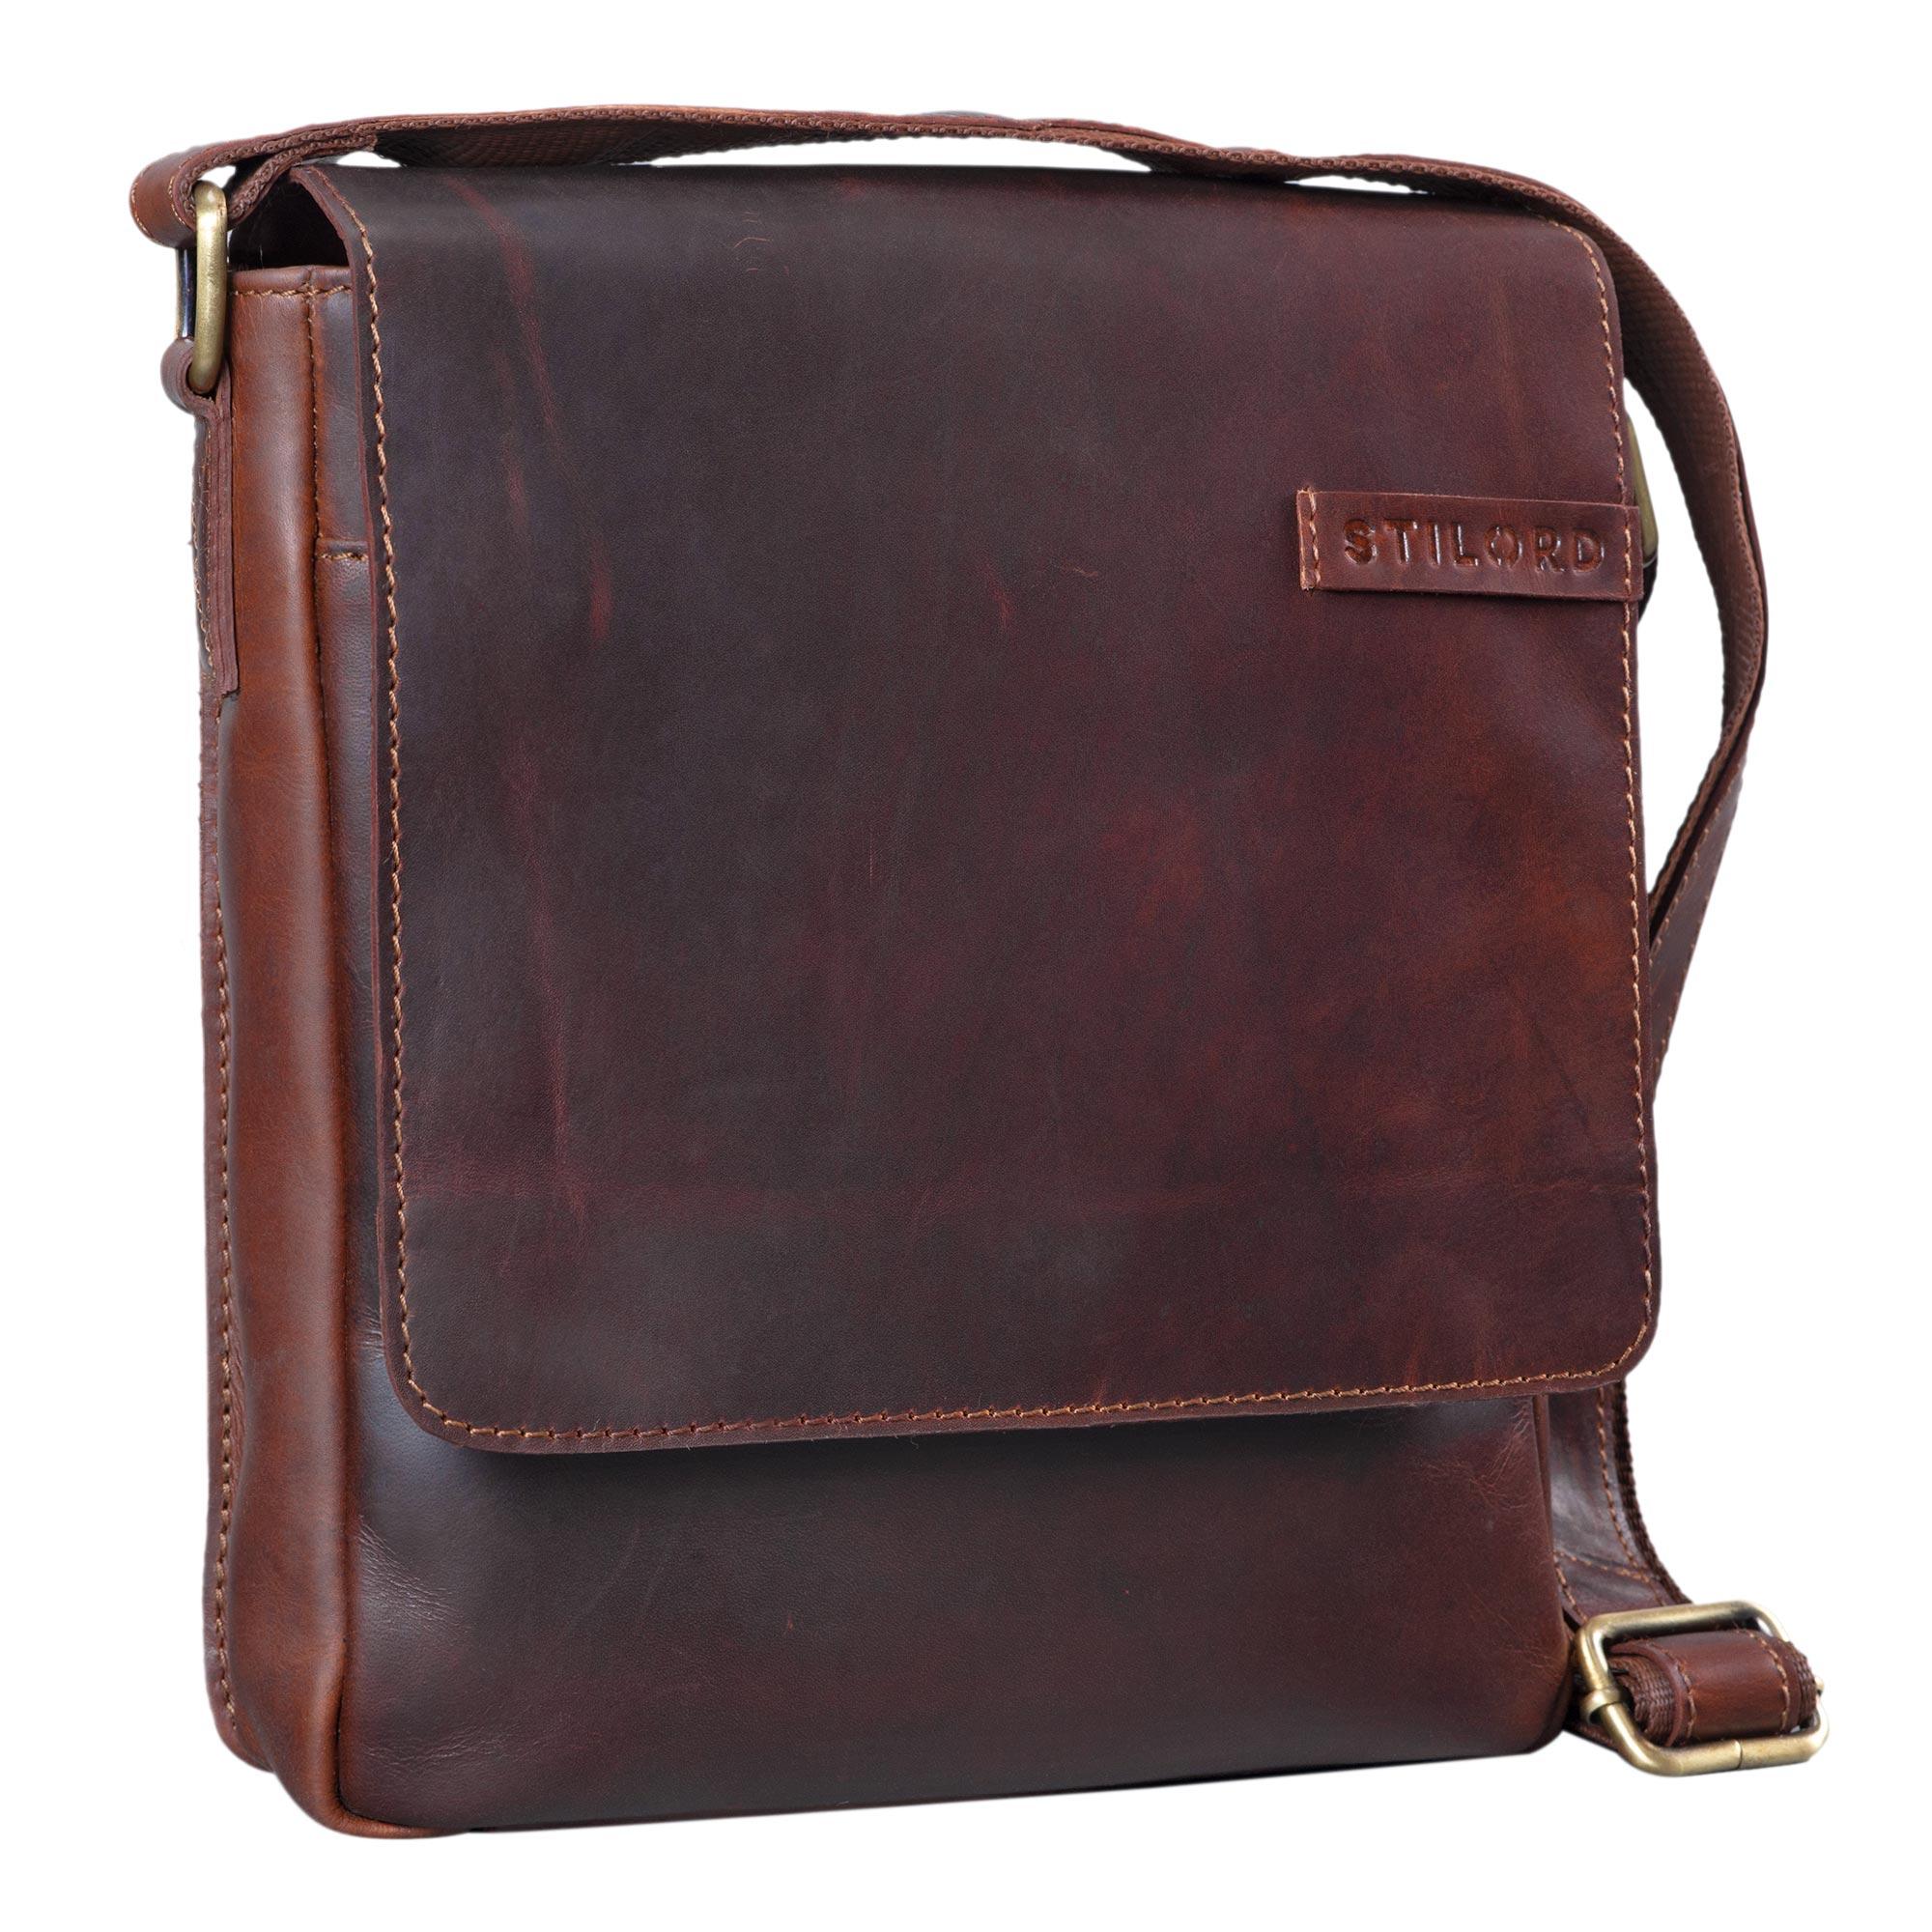 """STILORD """"Dario"""" Männer Umhängetasche Leder Vintage Messenger Bag für iPad 9,7 - 10,1 Zoll Tablettasche klein Schultertasche echtes Leder - Bild 8"""